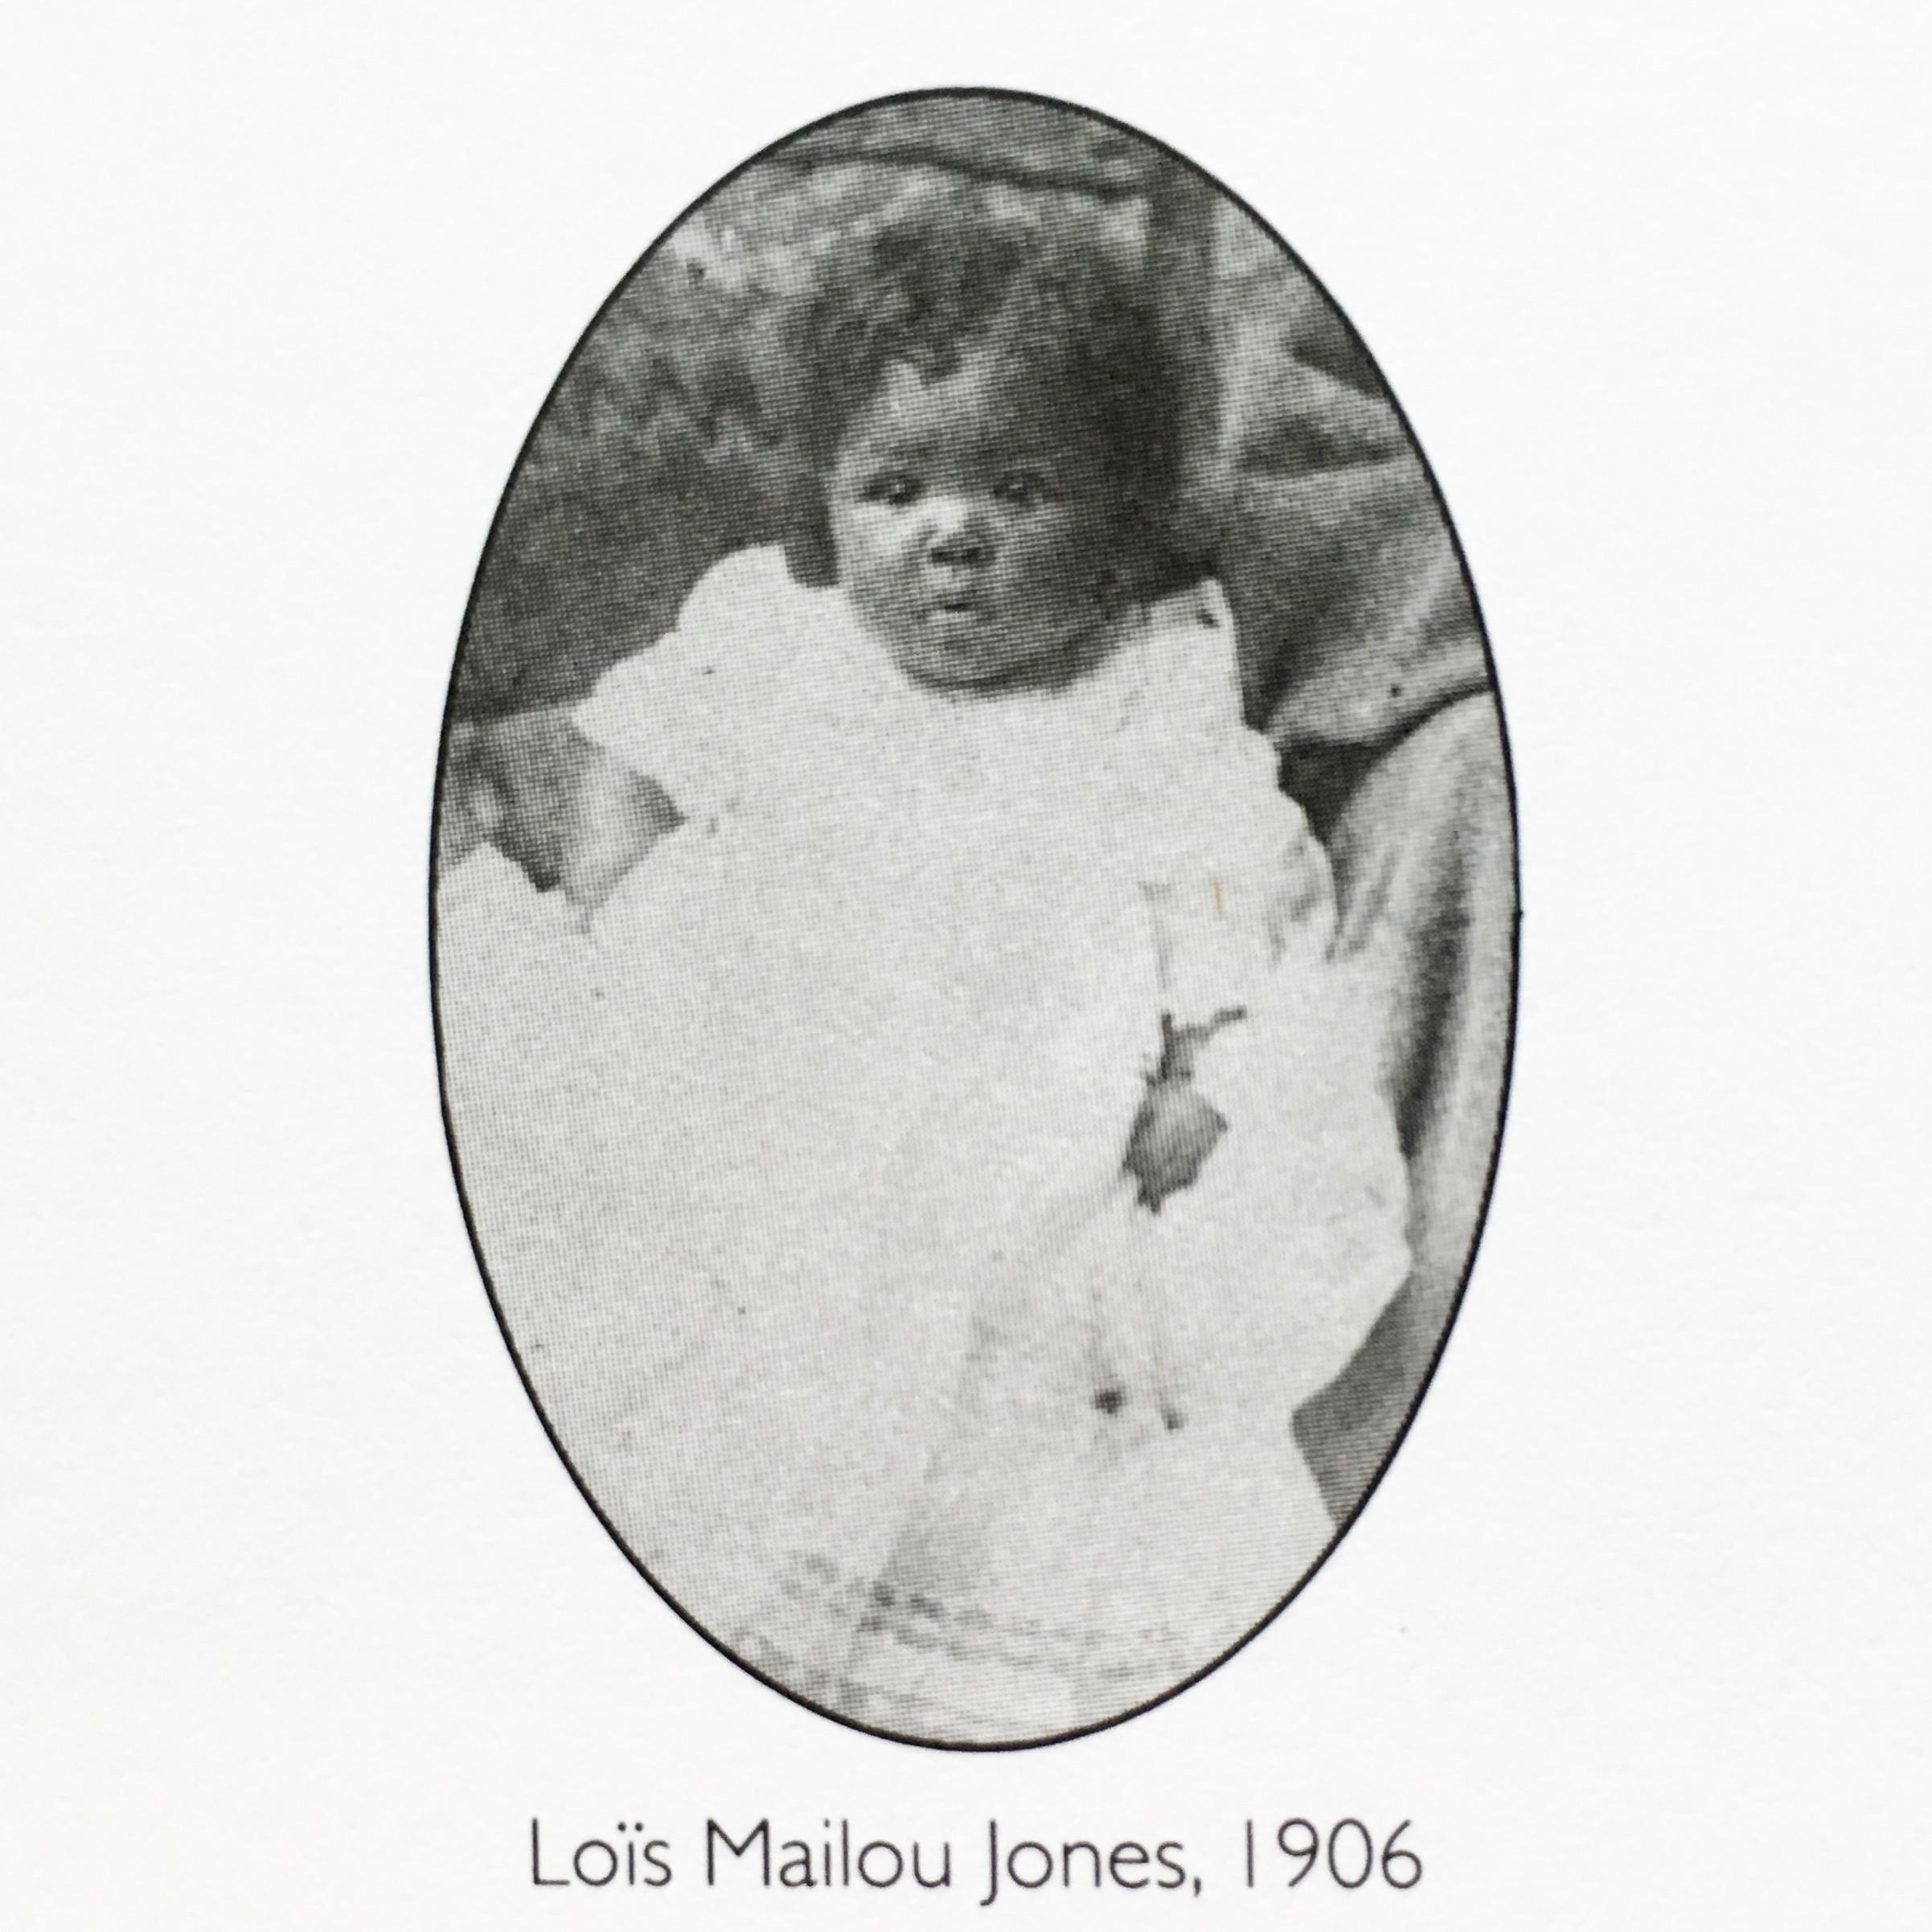 Loïs Mailou Jones